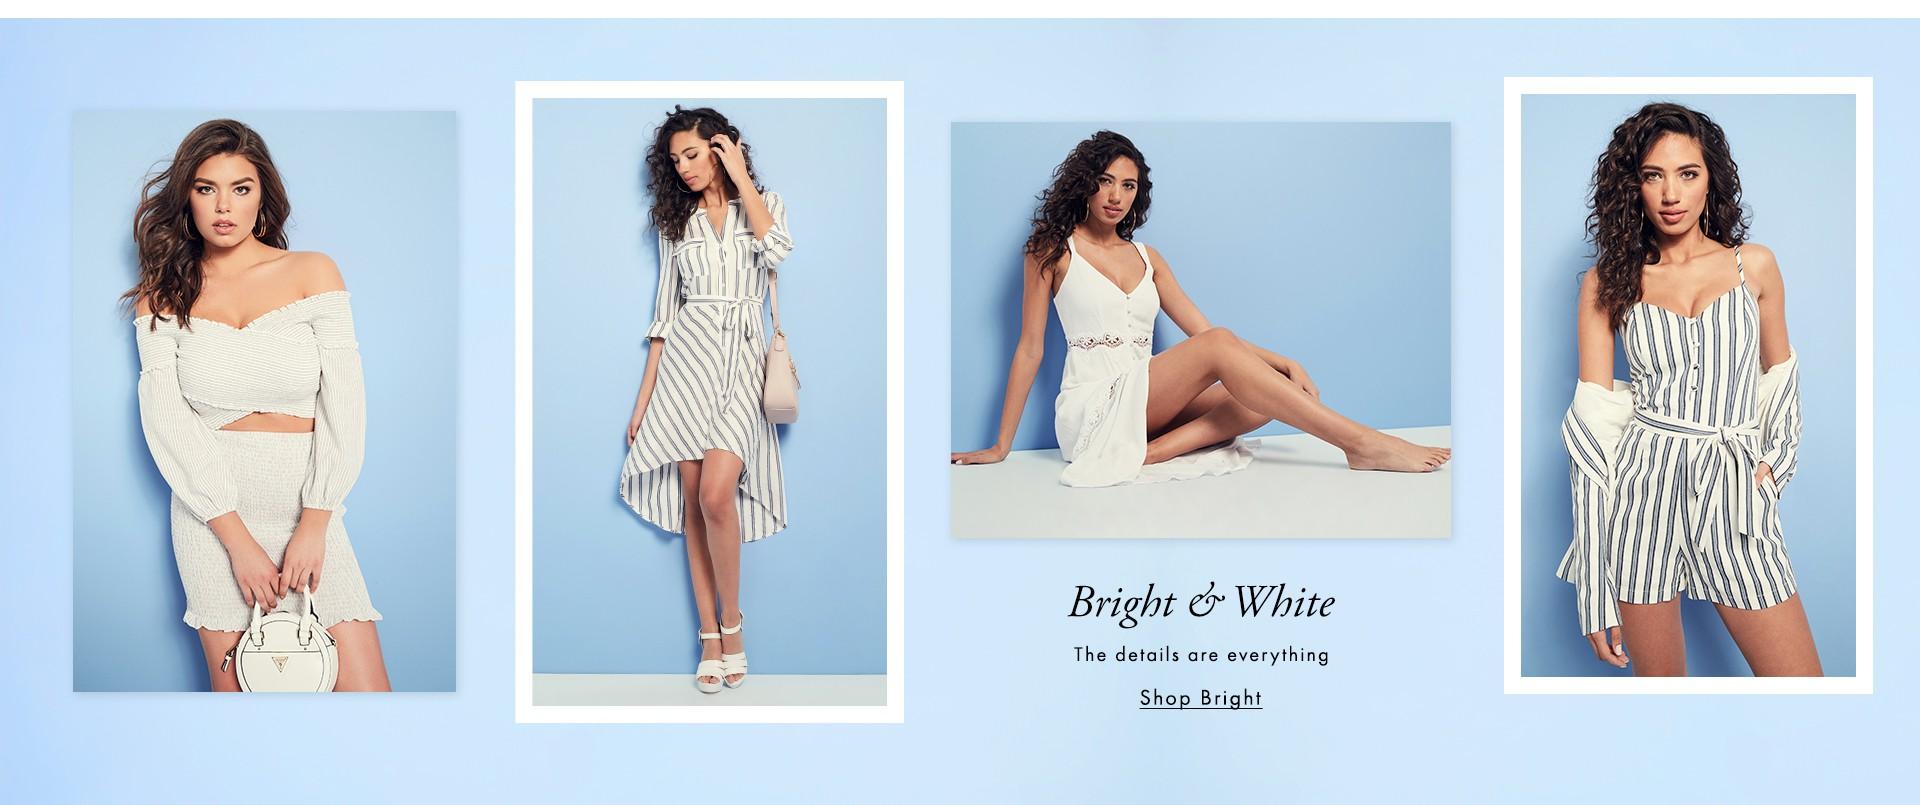 Bright & White